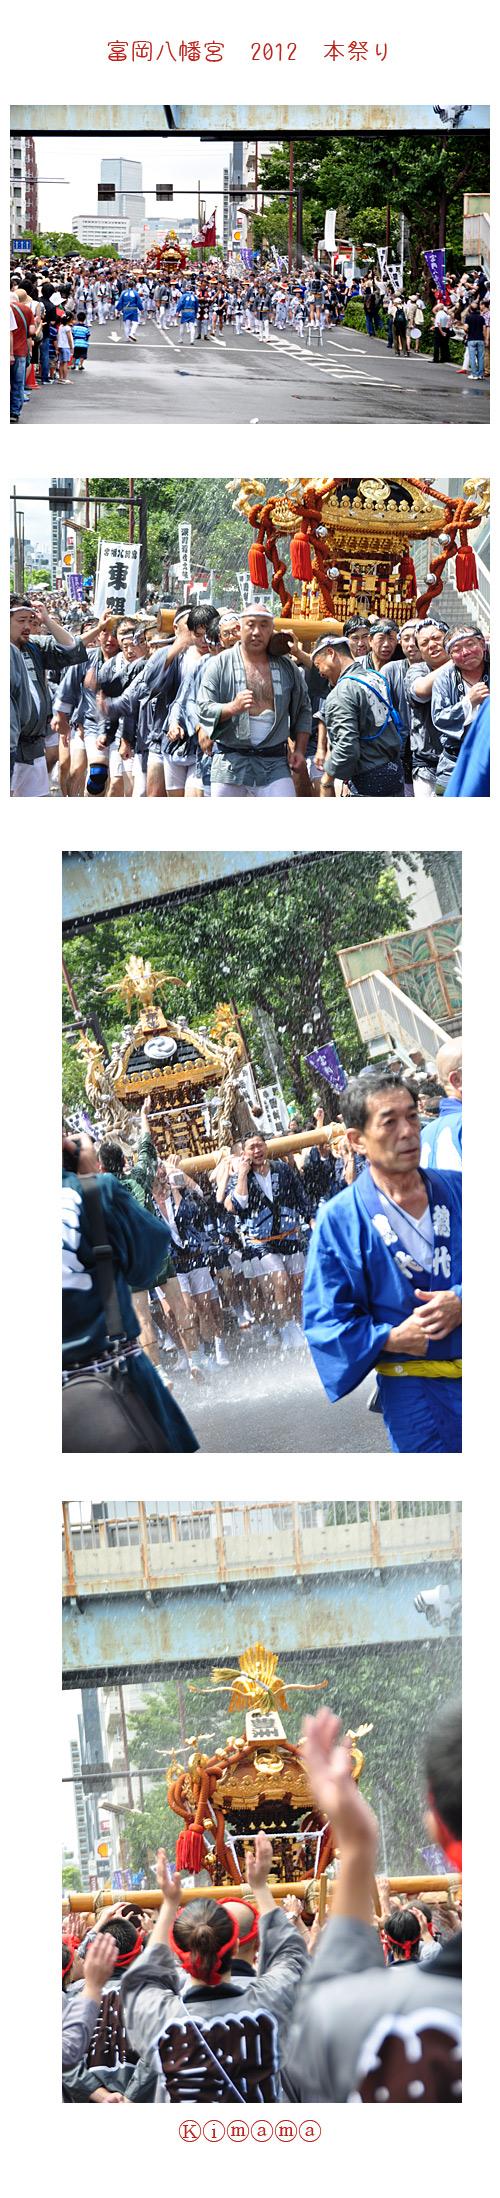 8月12日富岡八幡祭り